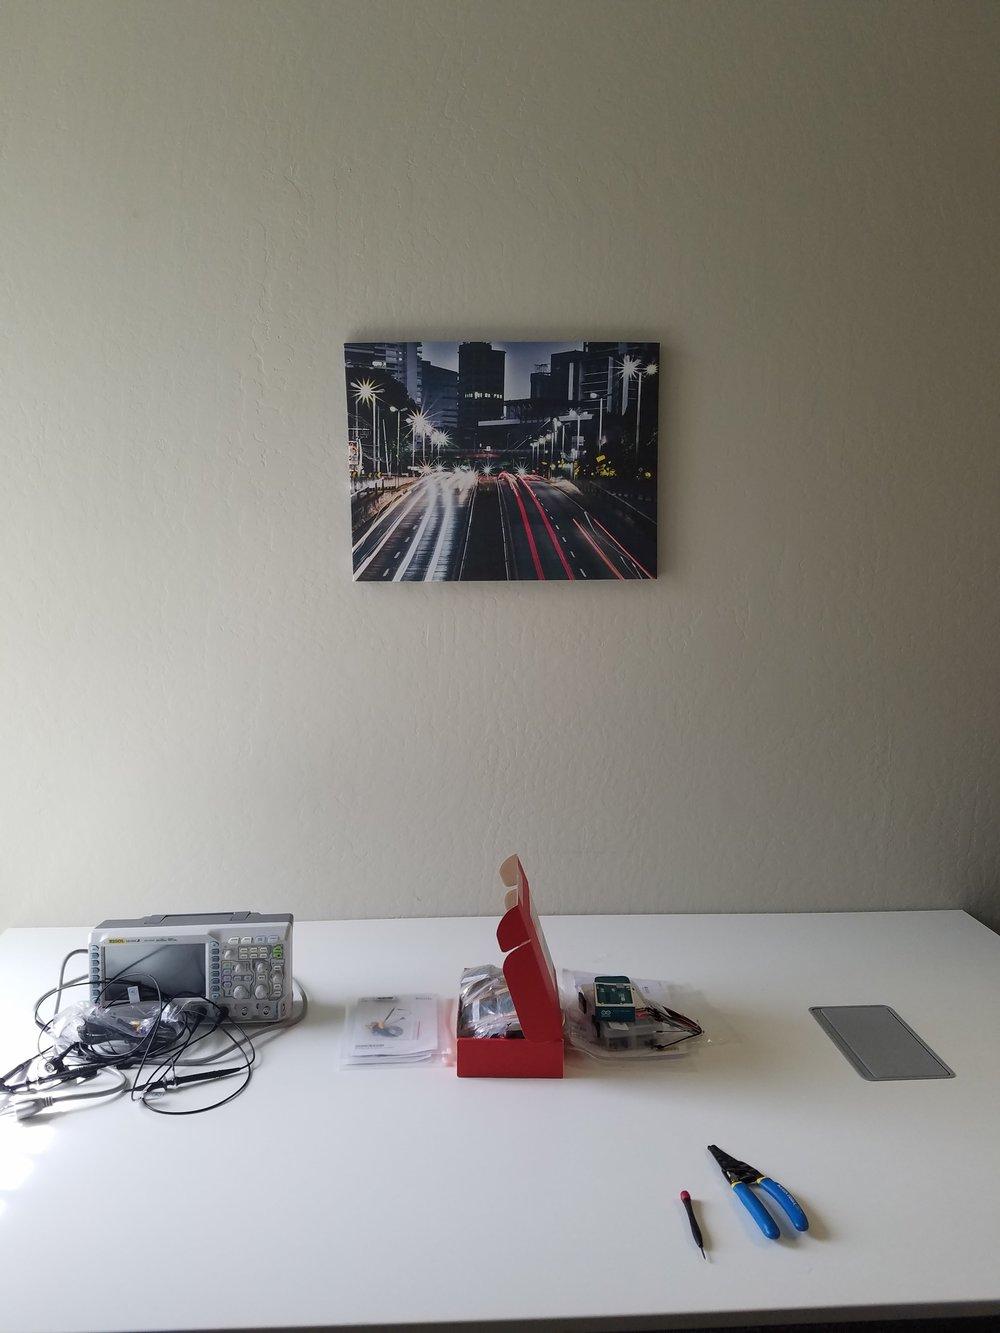 Canvas-Vinyl-min.jpg